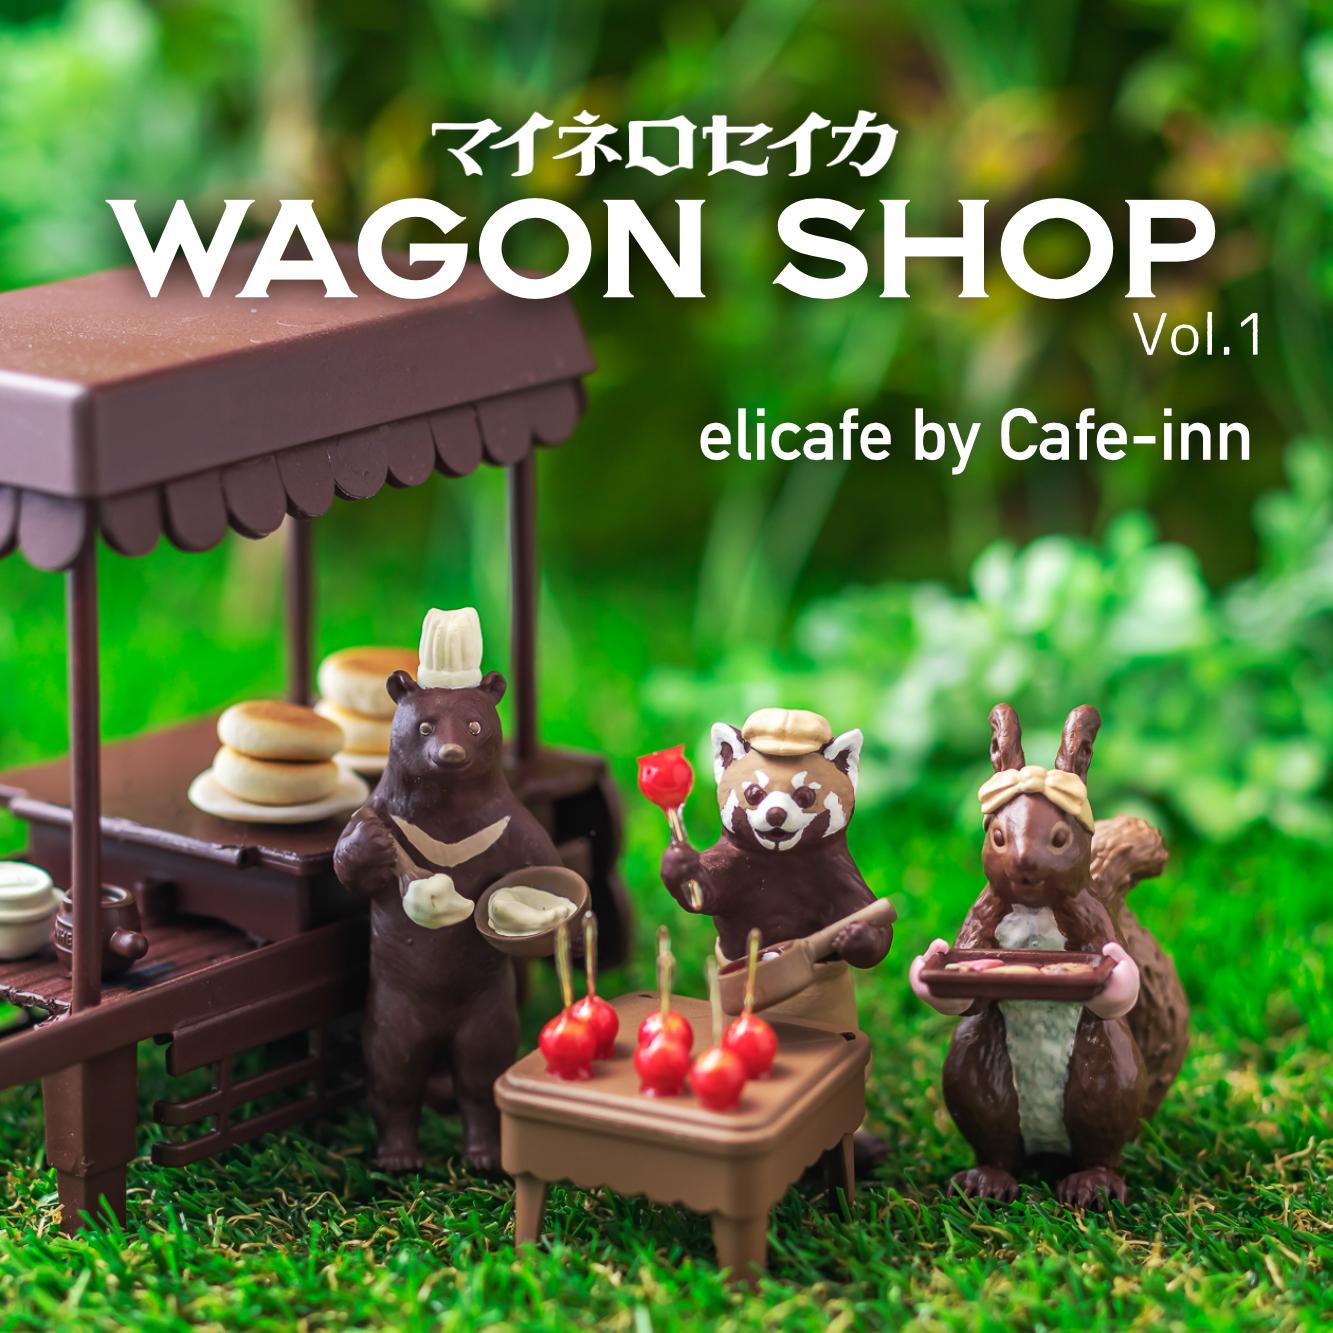 wagon-shop1-A.jpg